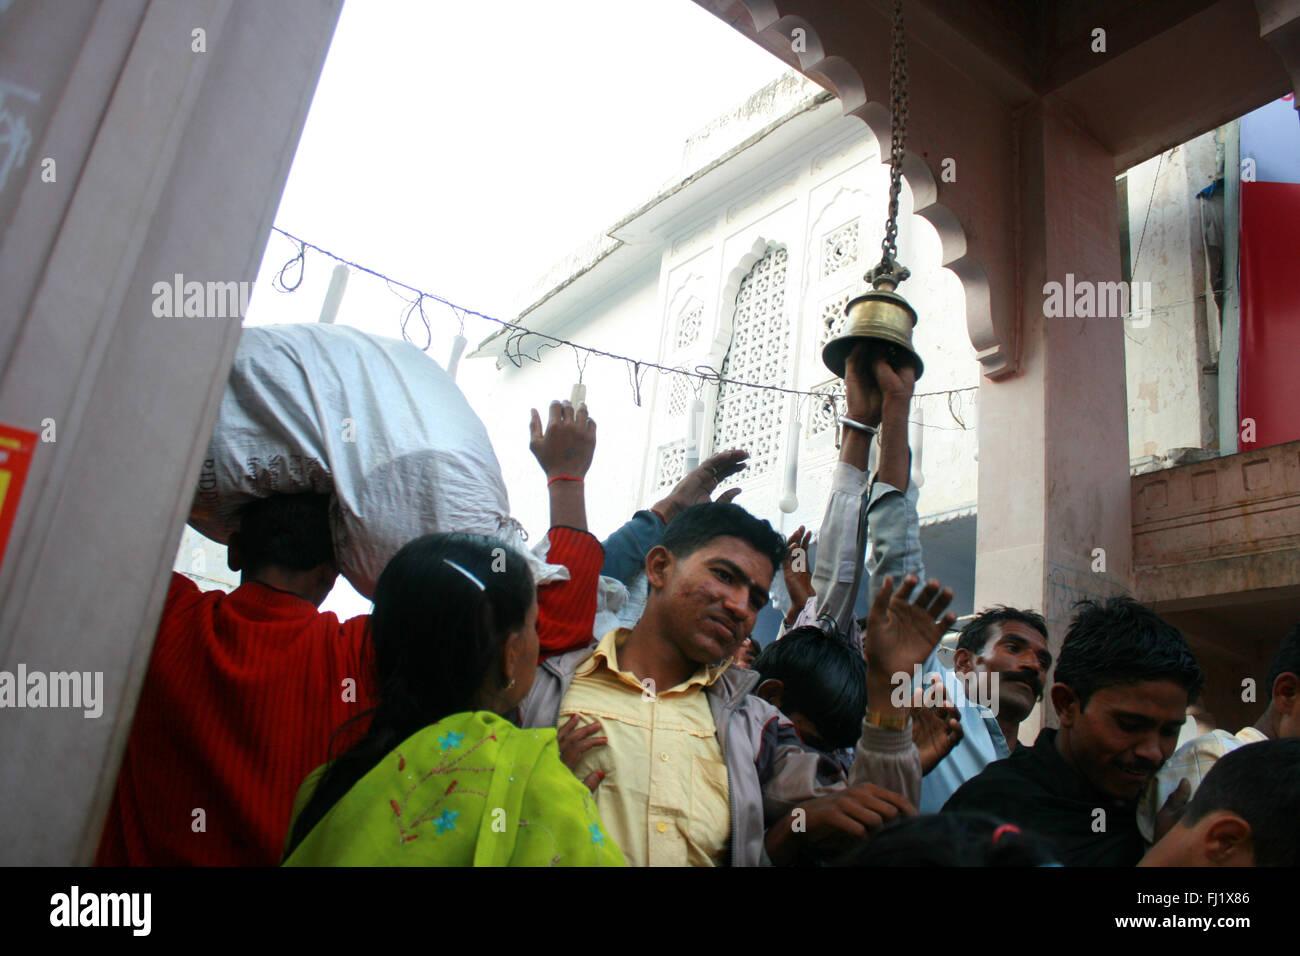 Pushkar mela feria de camellos , la gente , la atmósfera y la escena en la calle Imagen De Stock